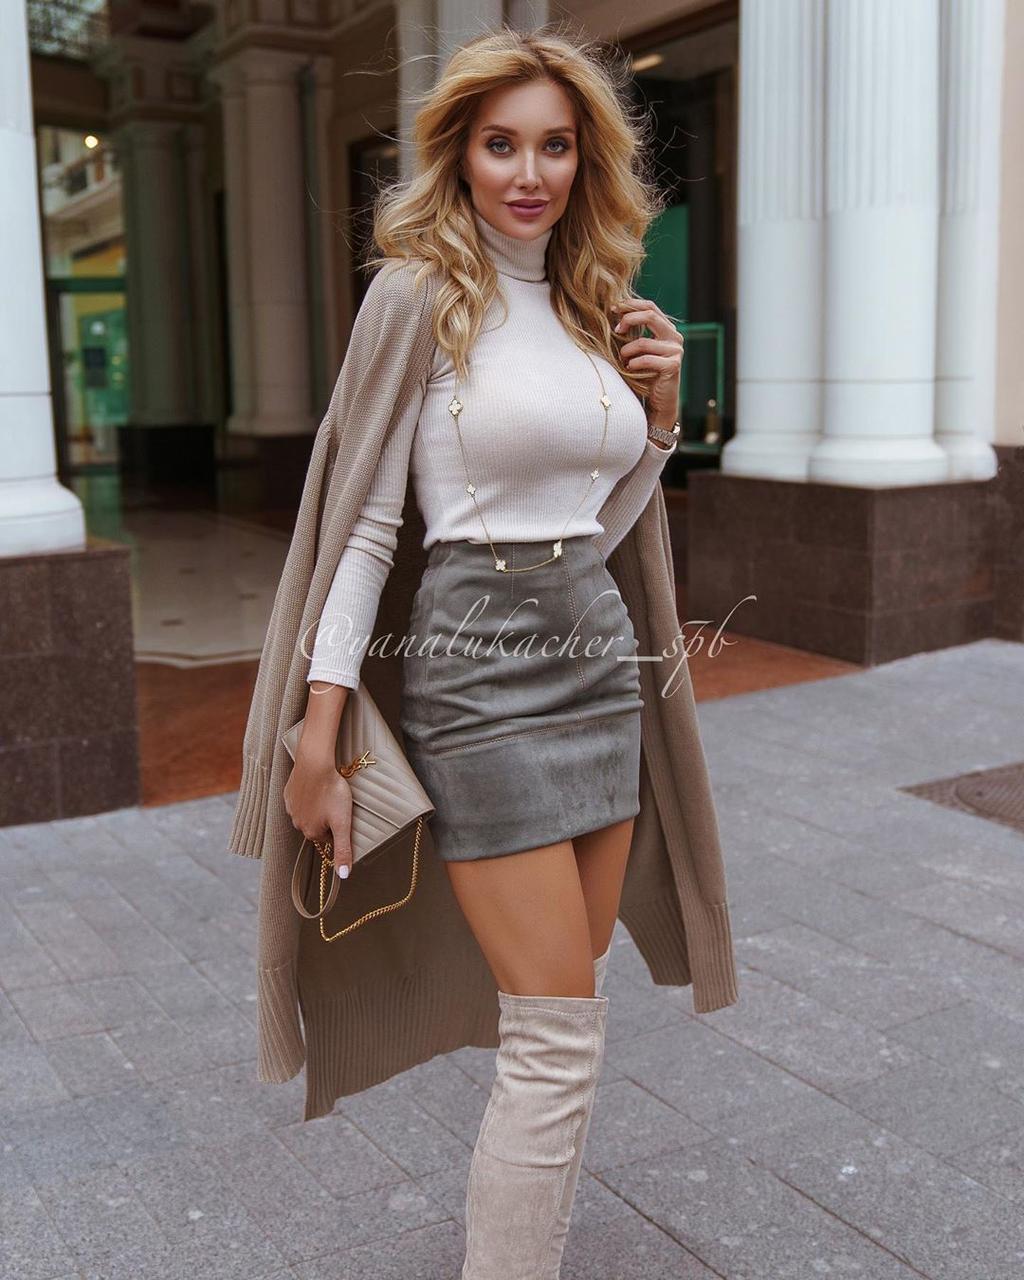 Женская облегающая мини-юбка из замша на давйвинге